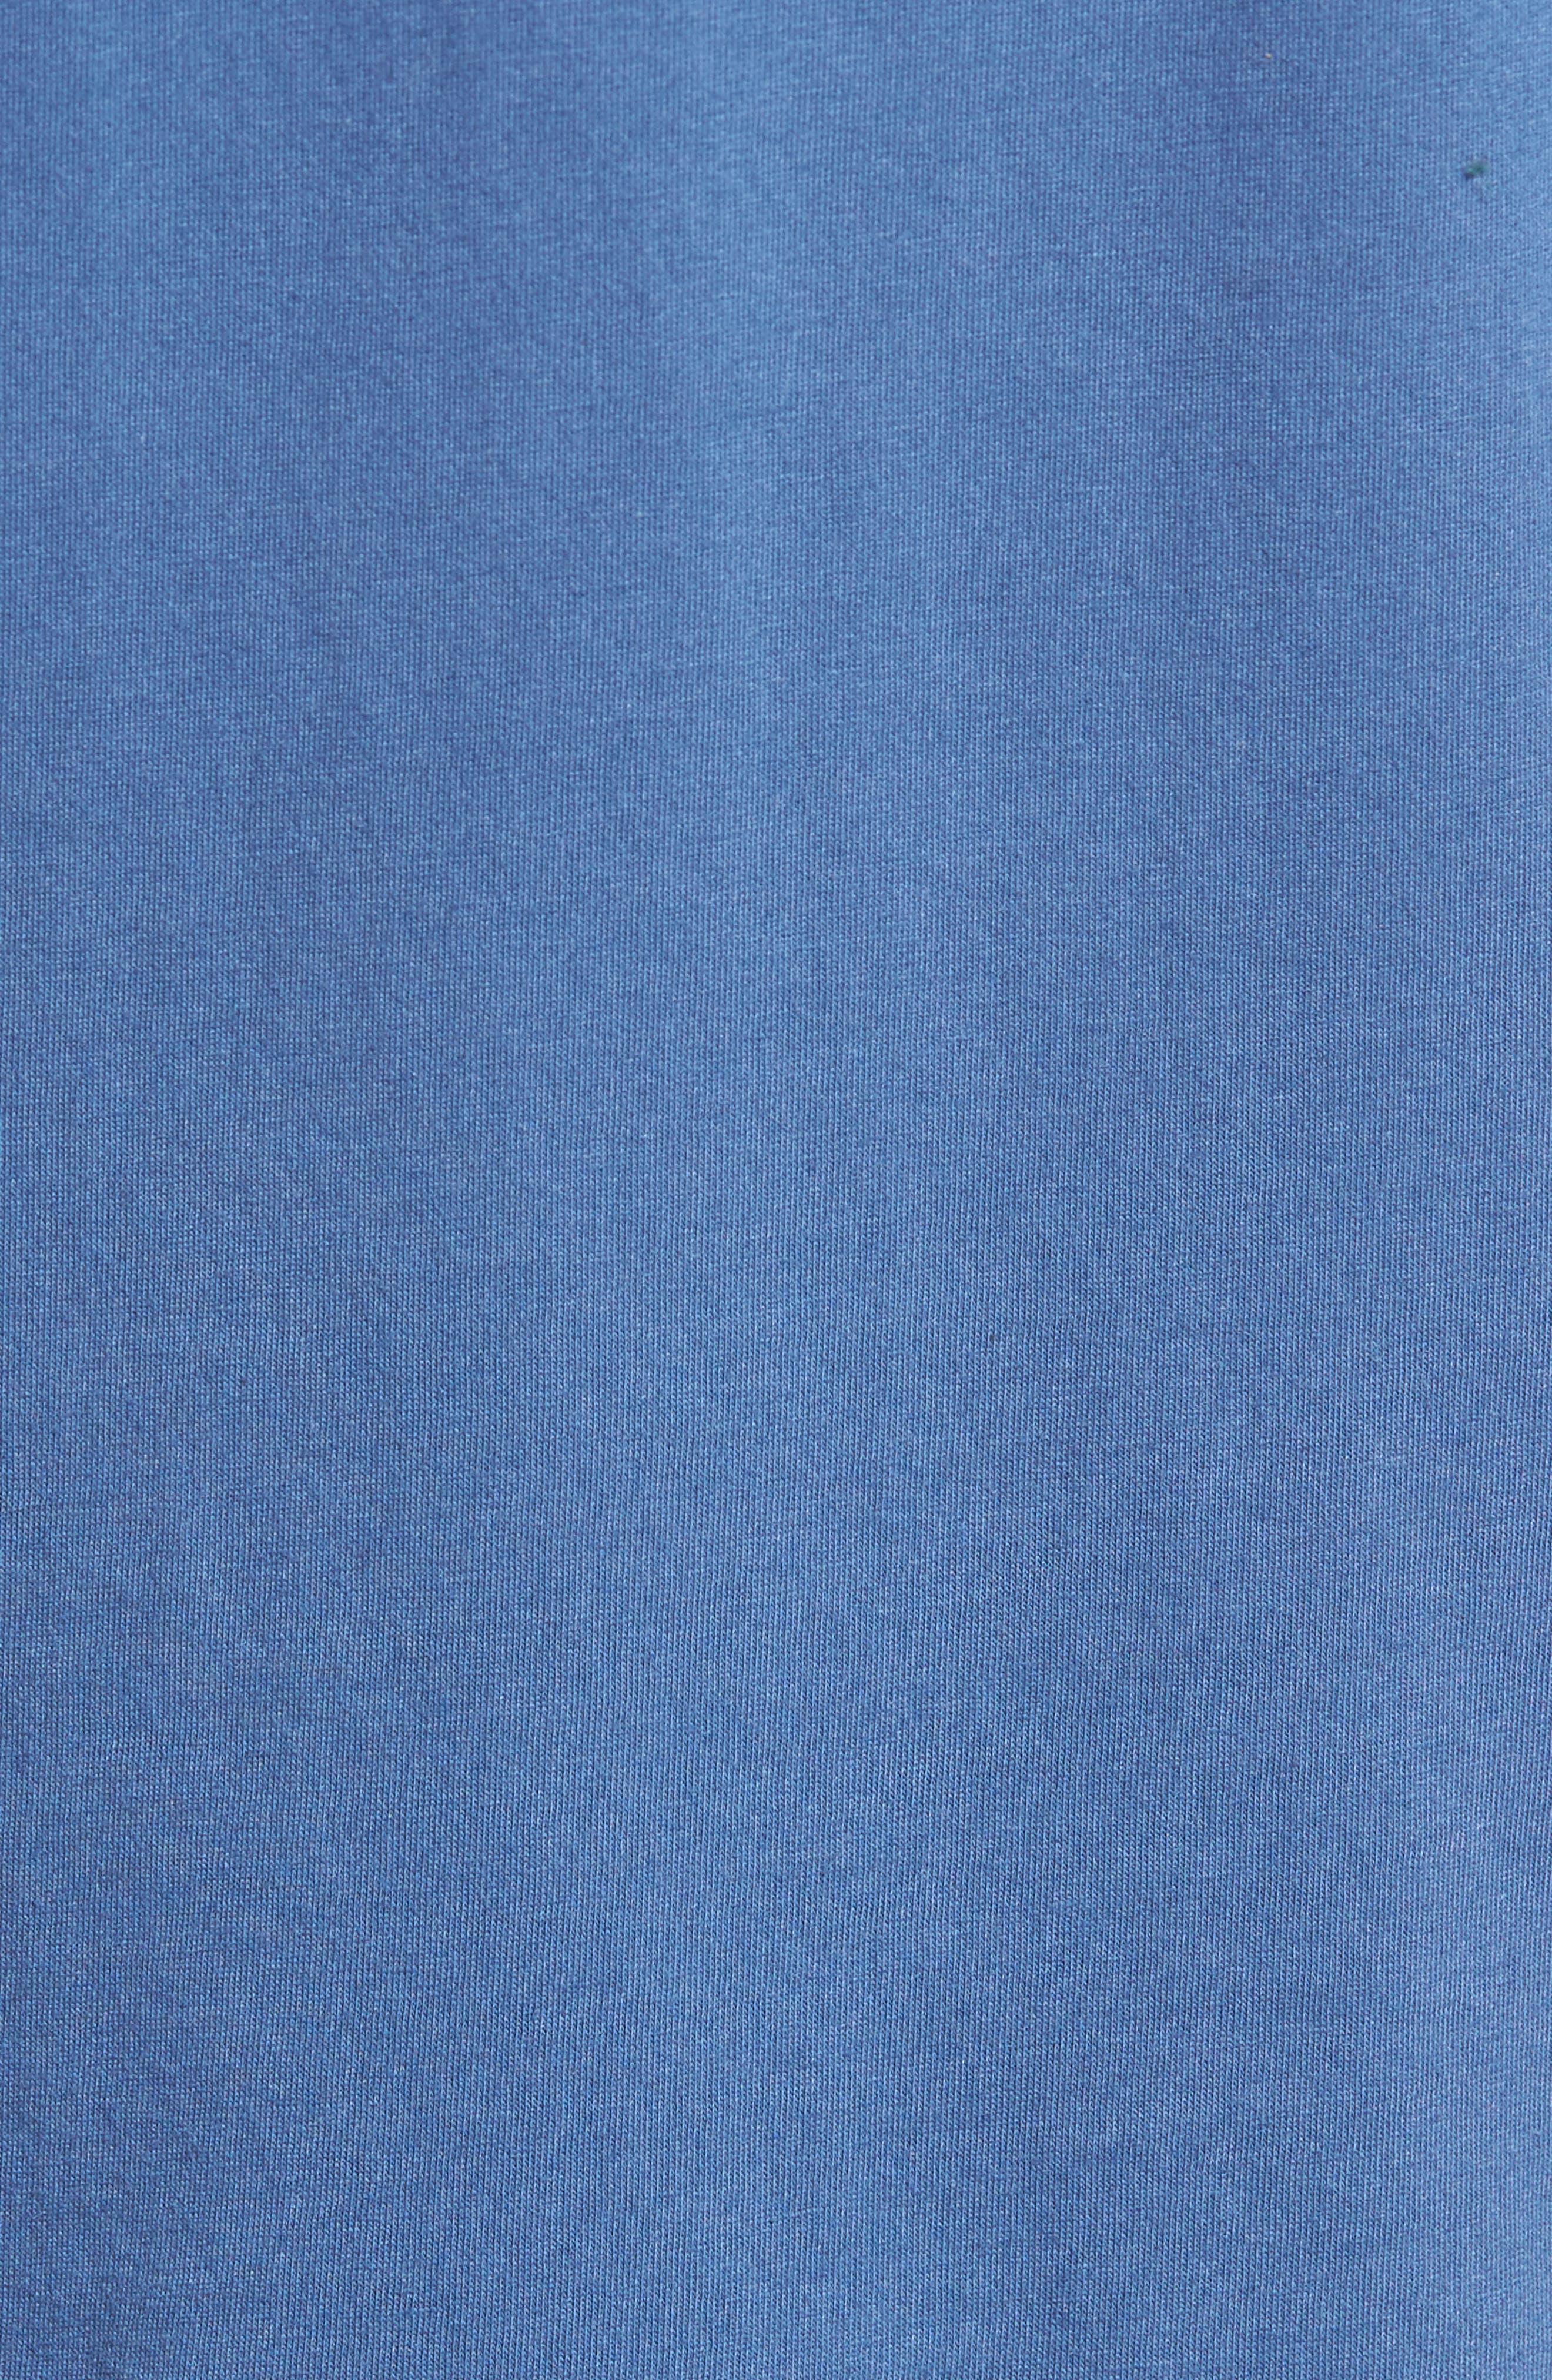 Crosswhite Pocket T-Shirt,                             Alternate thumbnail 5, color,                             400